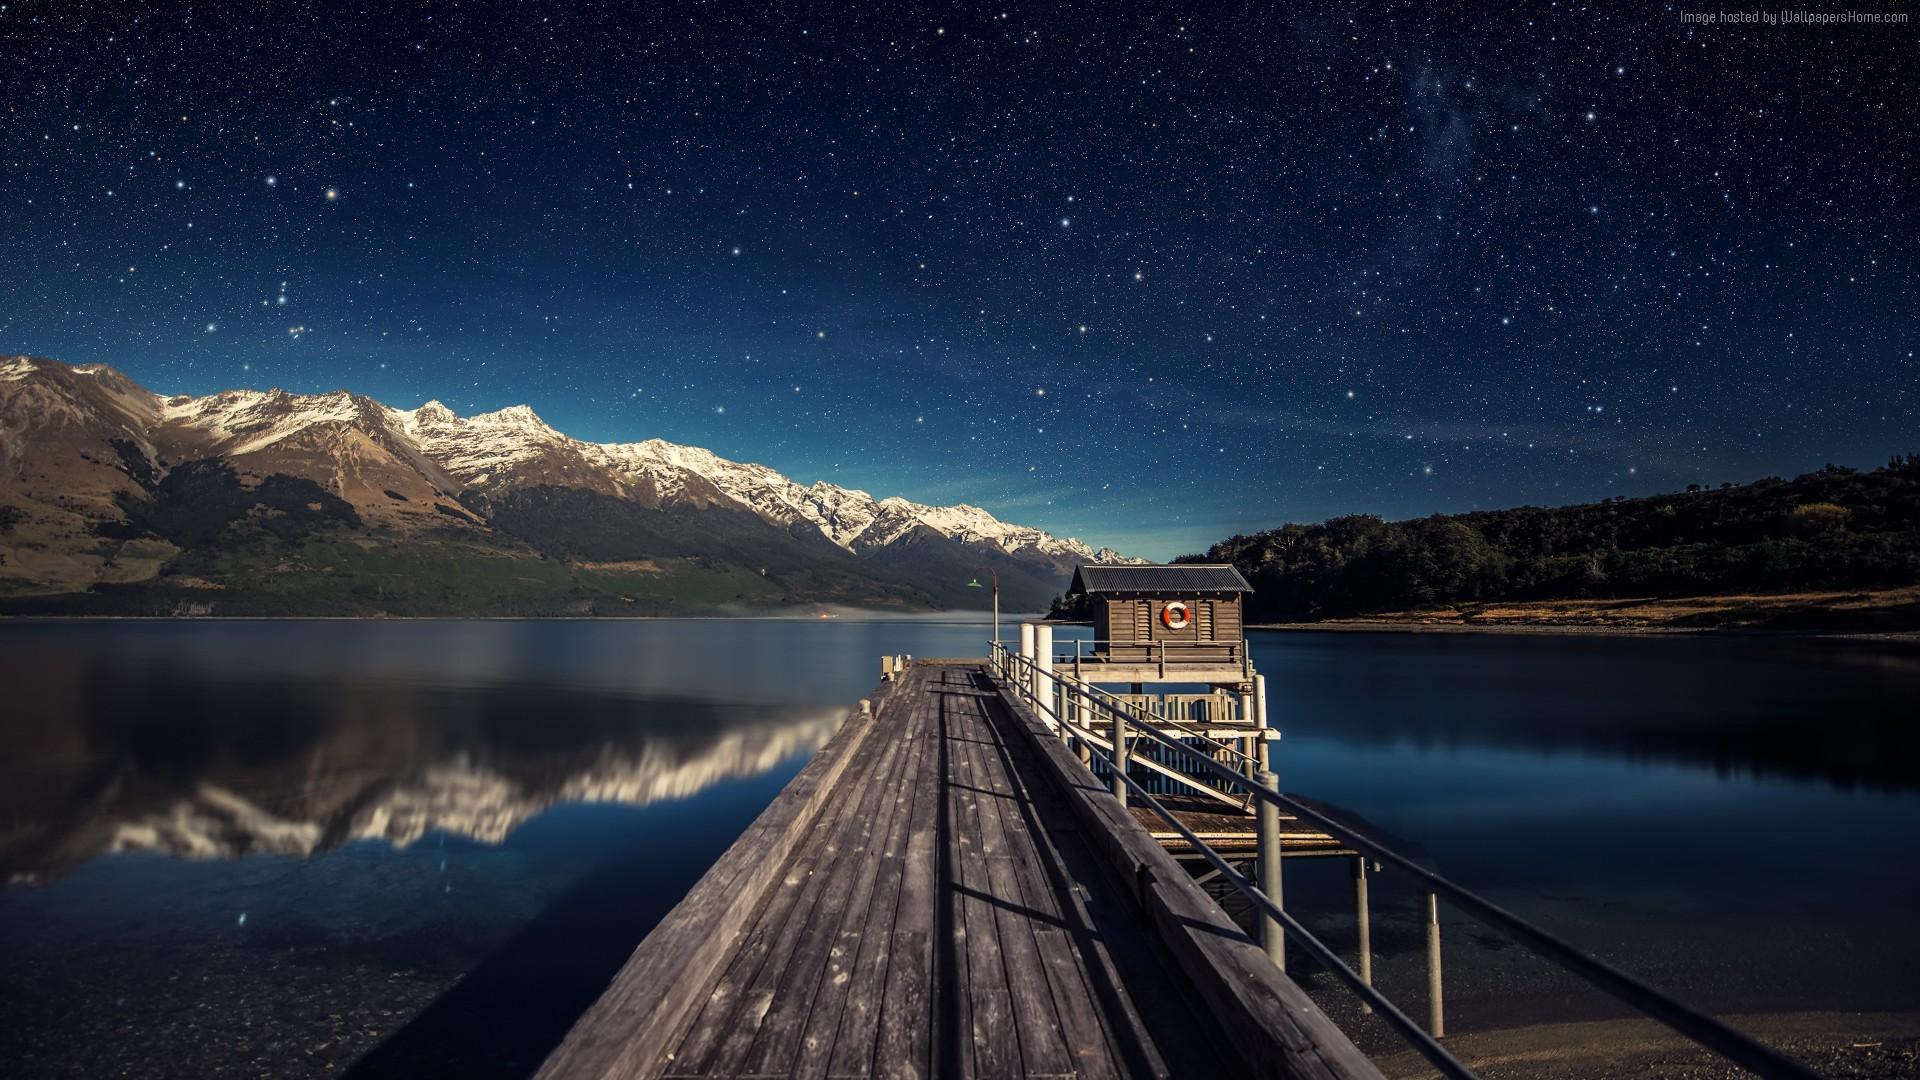 hình ảnh bầu trời đêm